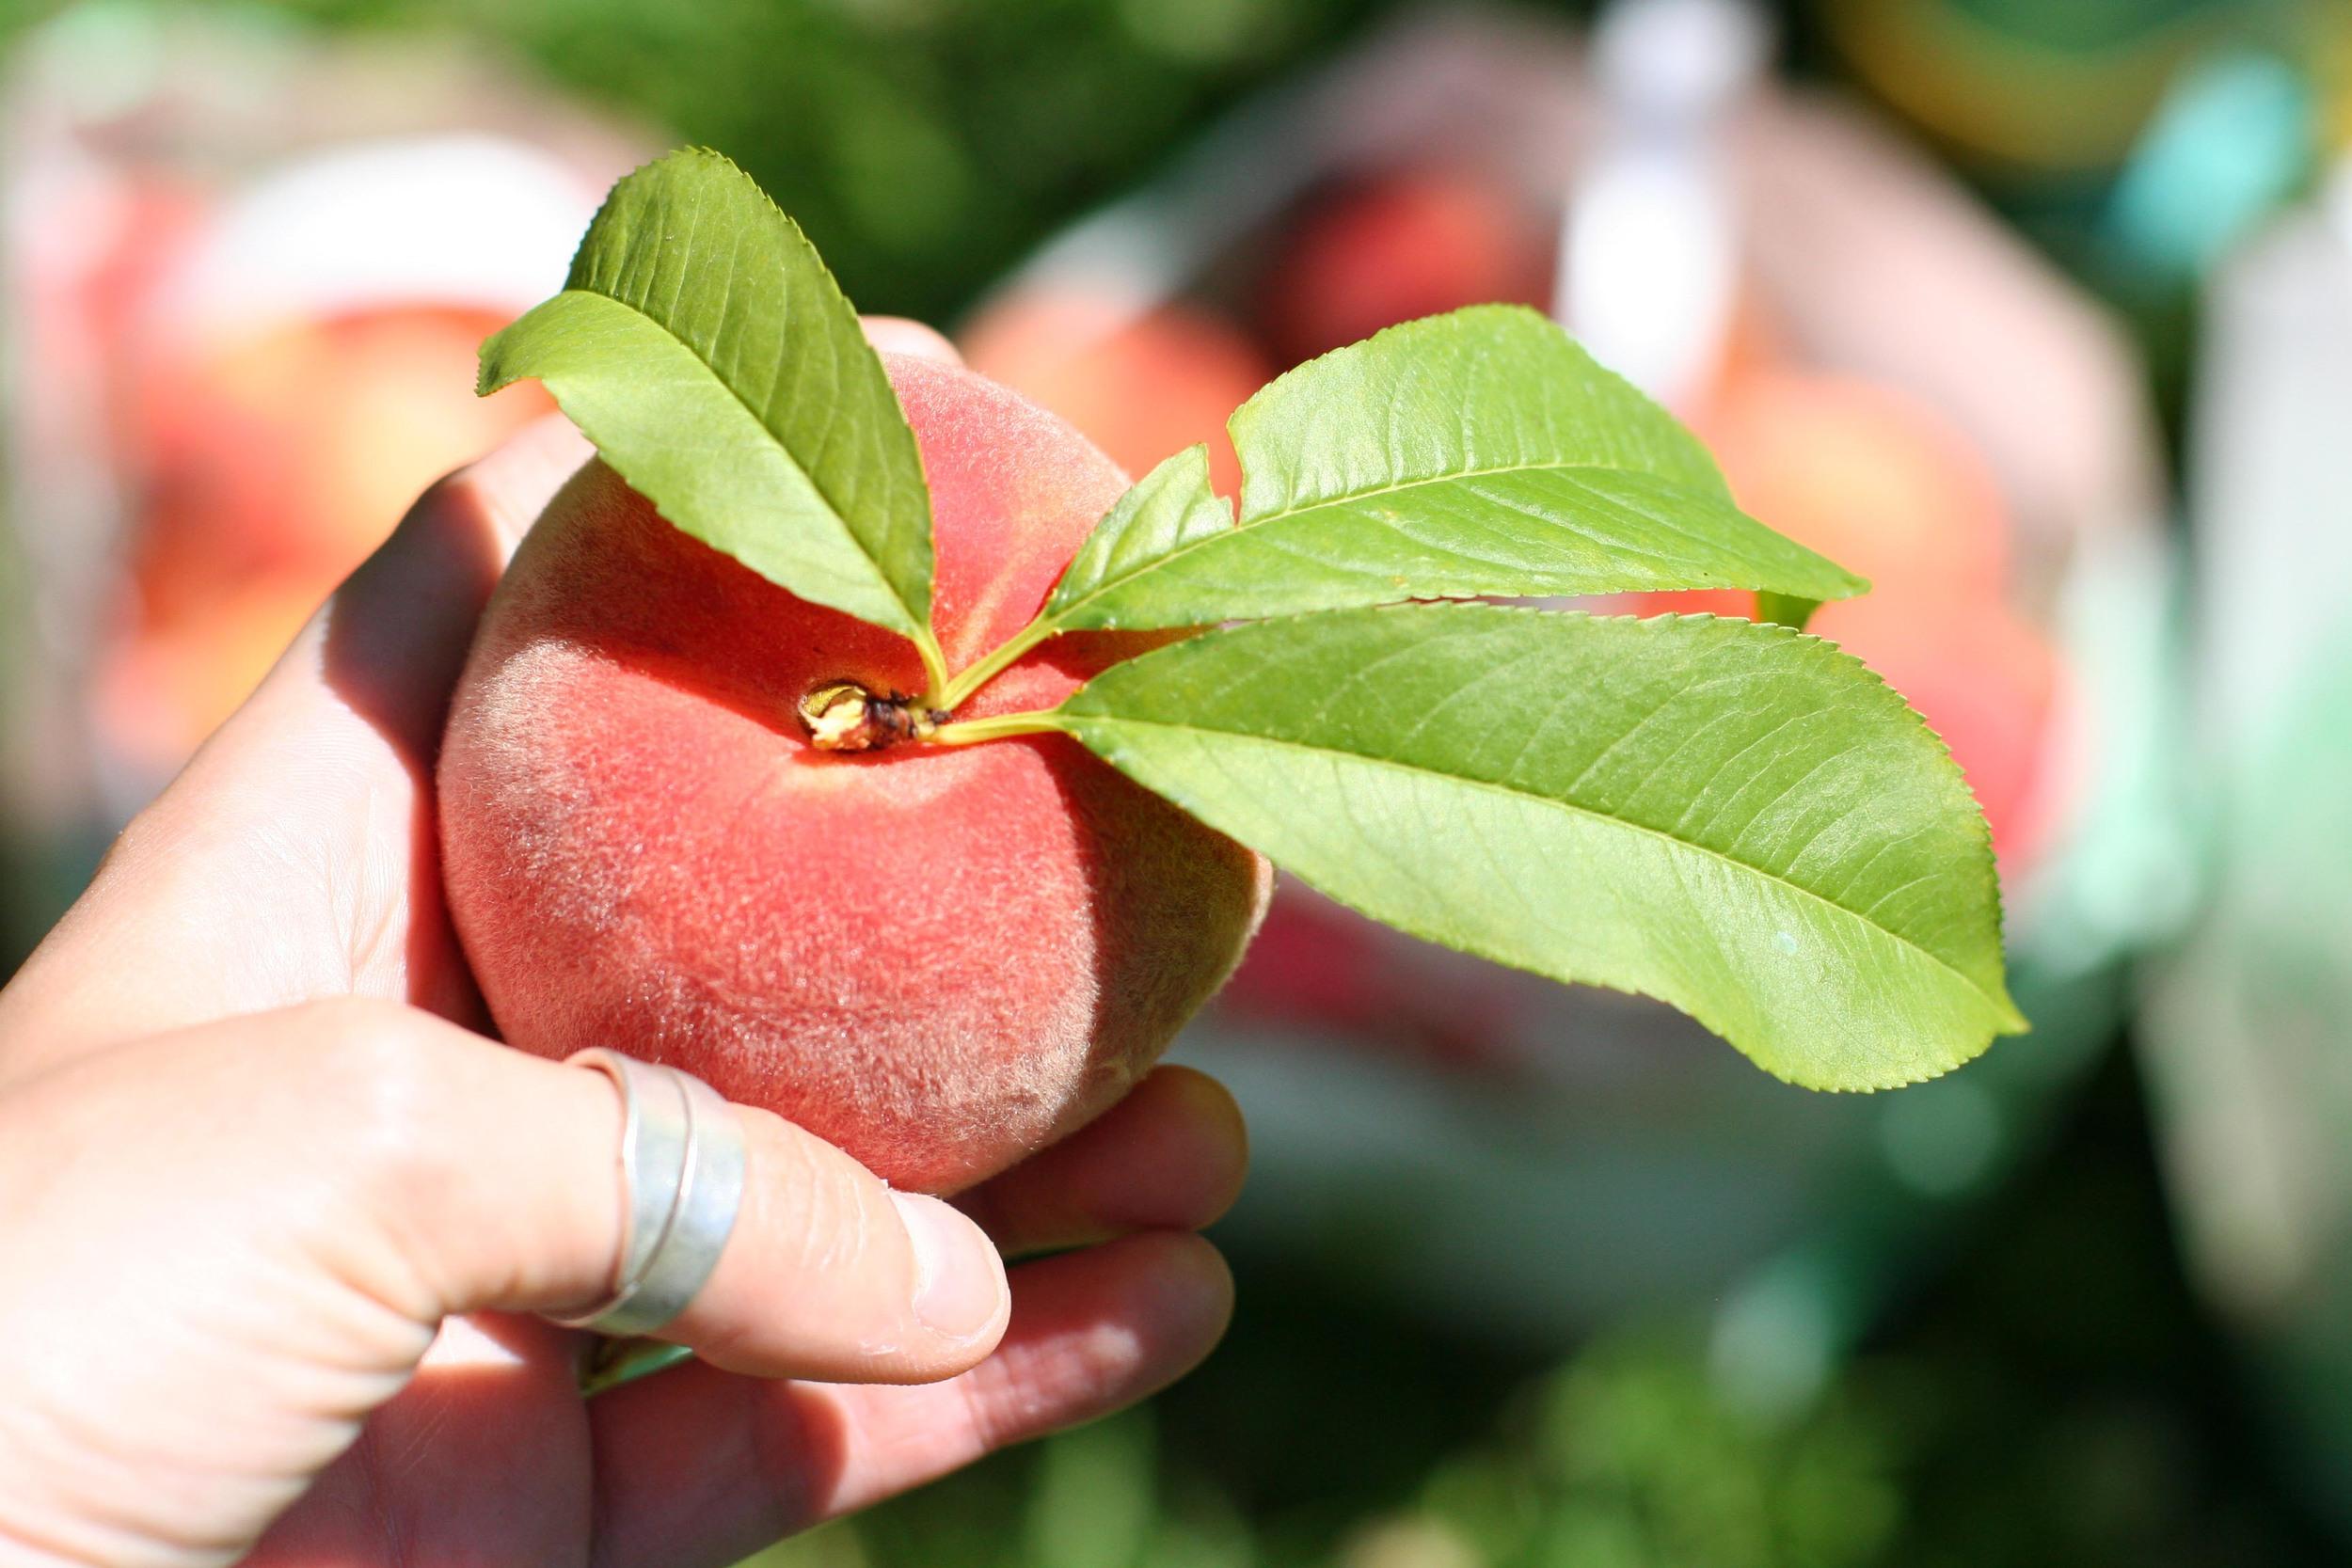 peach in hand.jpg